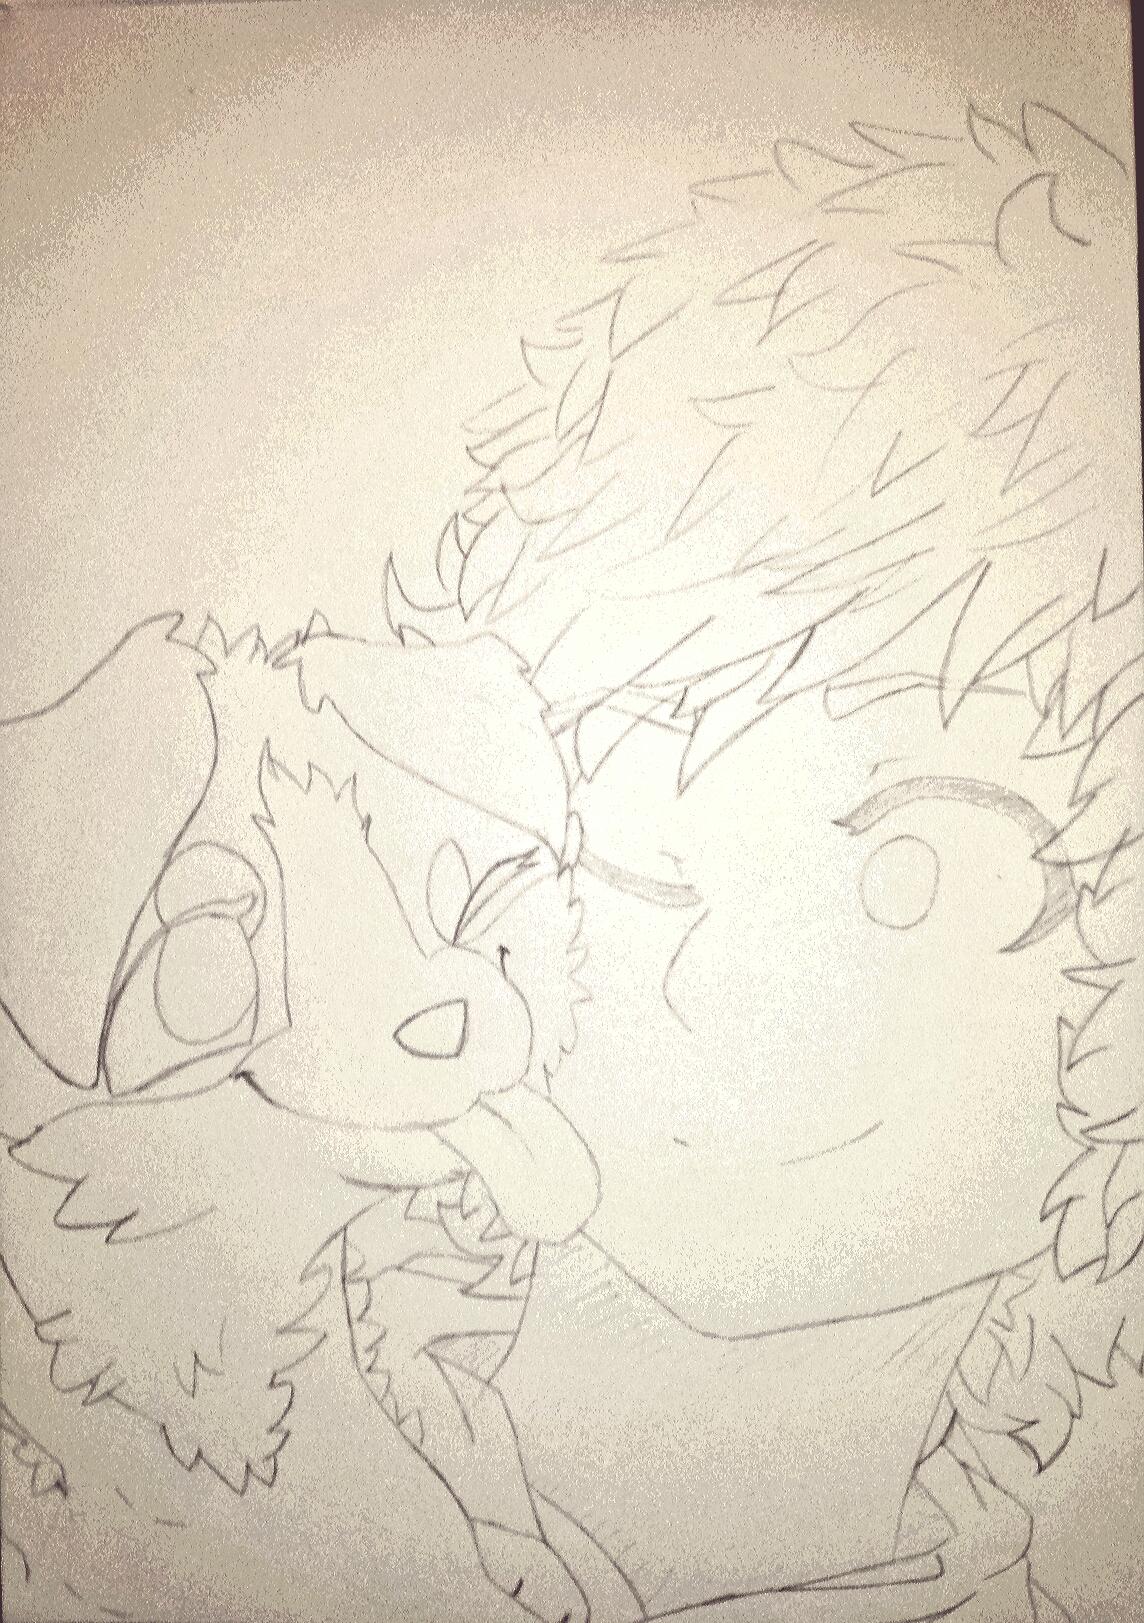 Woof woof by Heise-kun